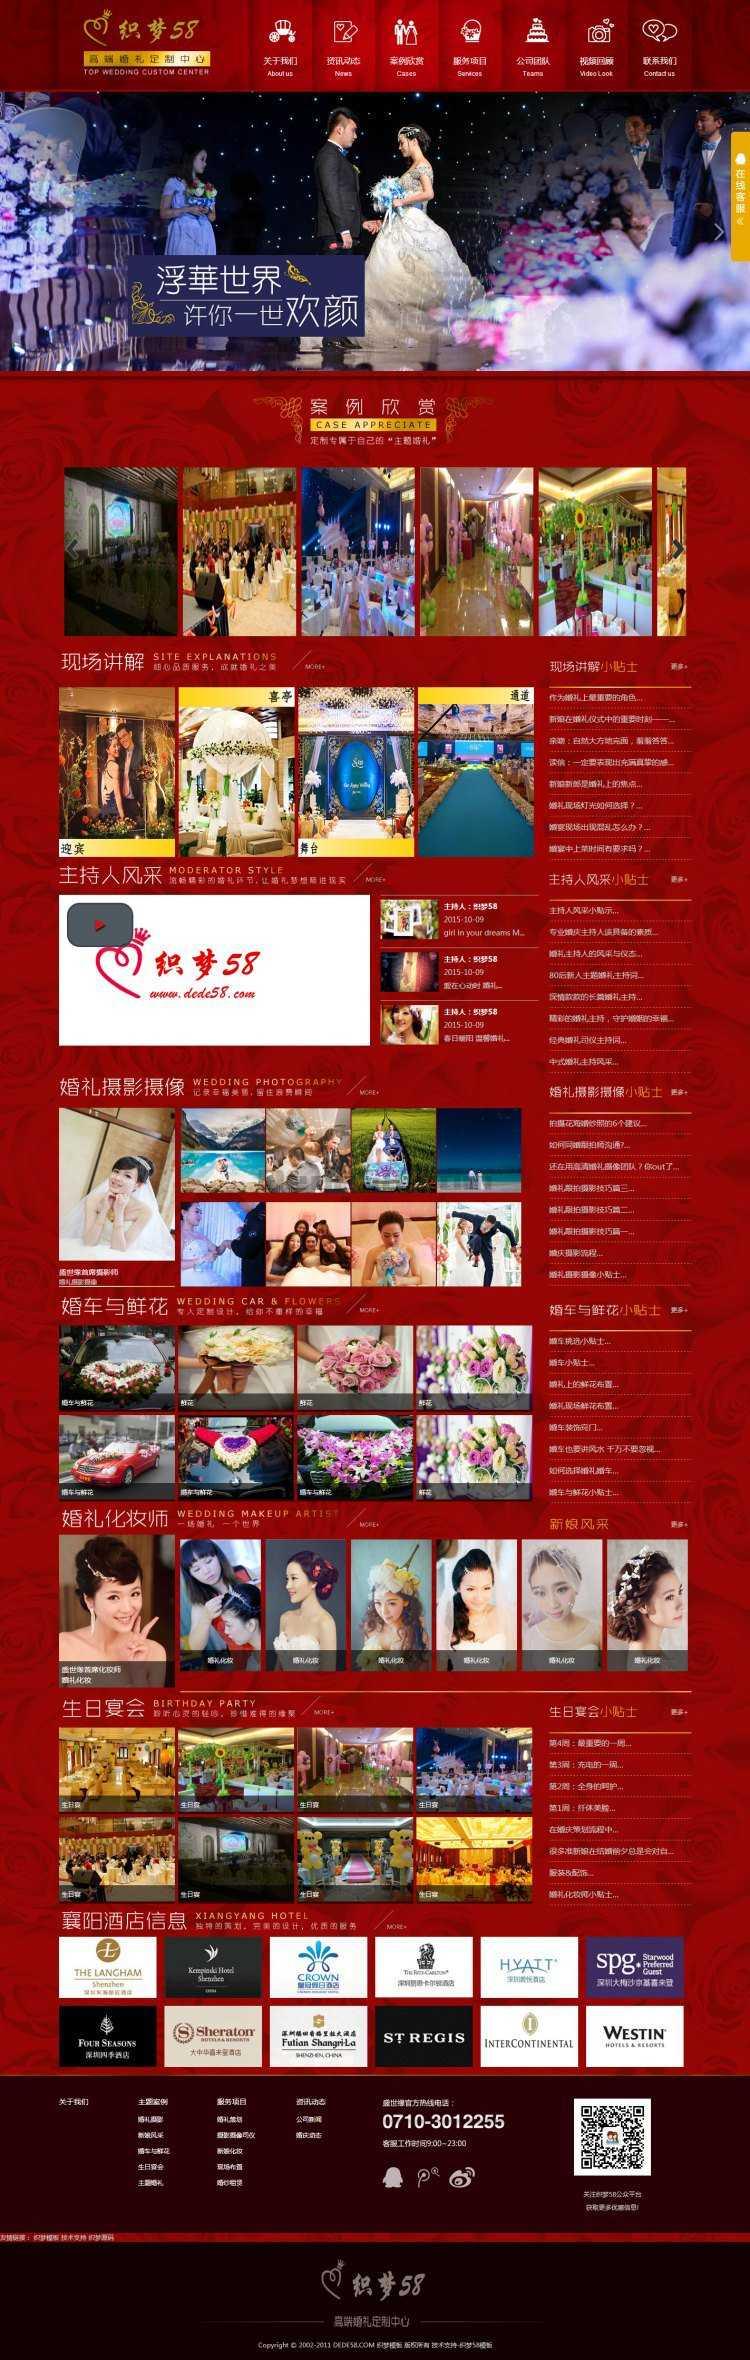 织梦红色大气婚庆婚礼策划公司网站织梦模板插图